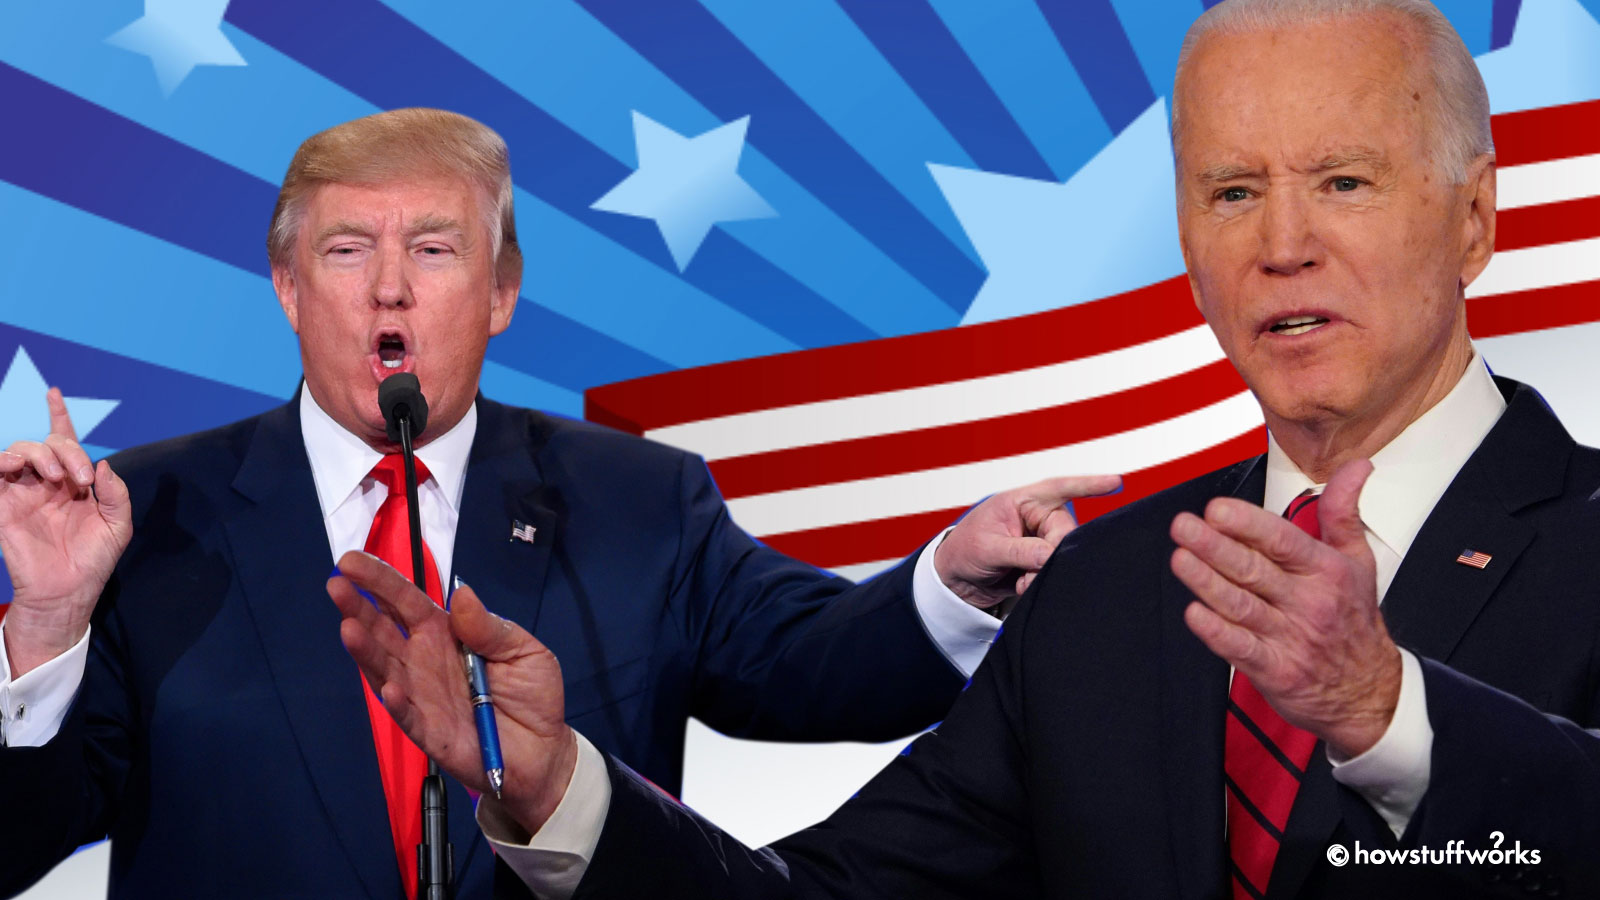 How Presidential Debates Work